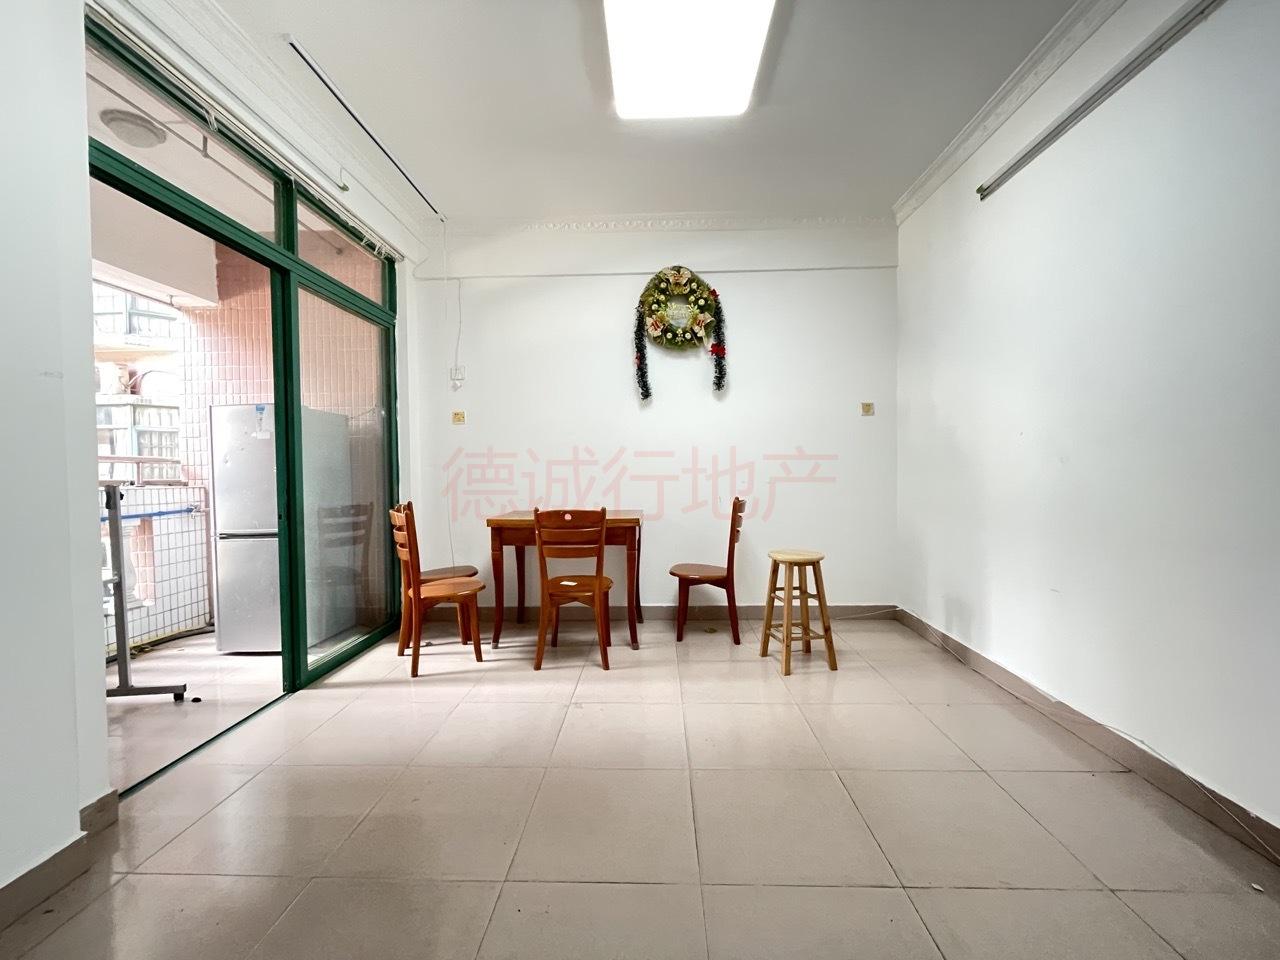 城西花园2室1厅1卫南北朝向